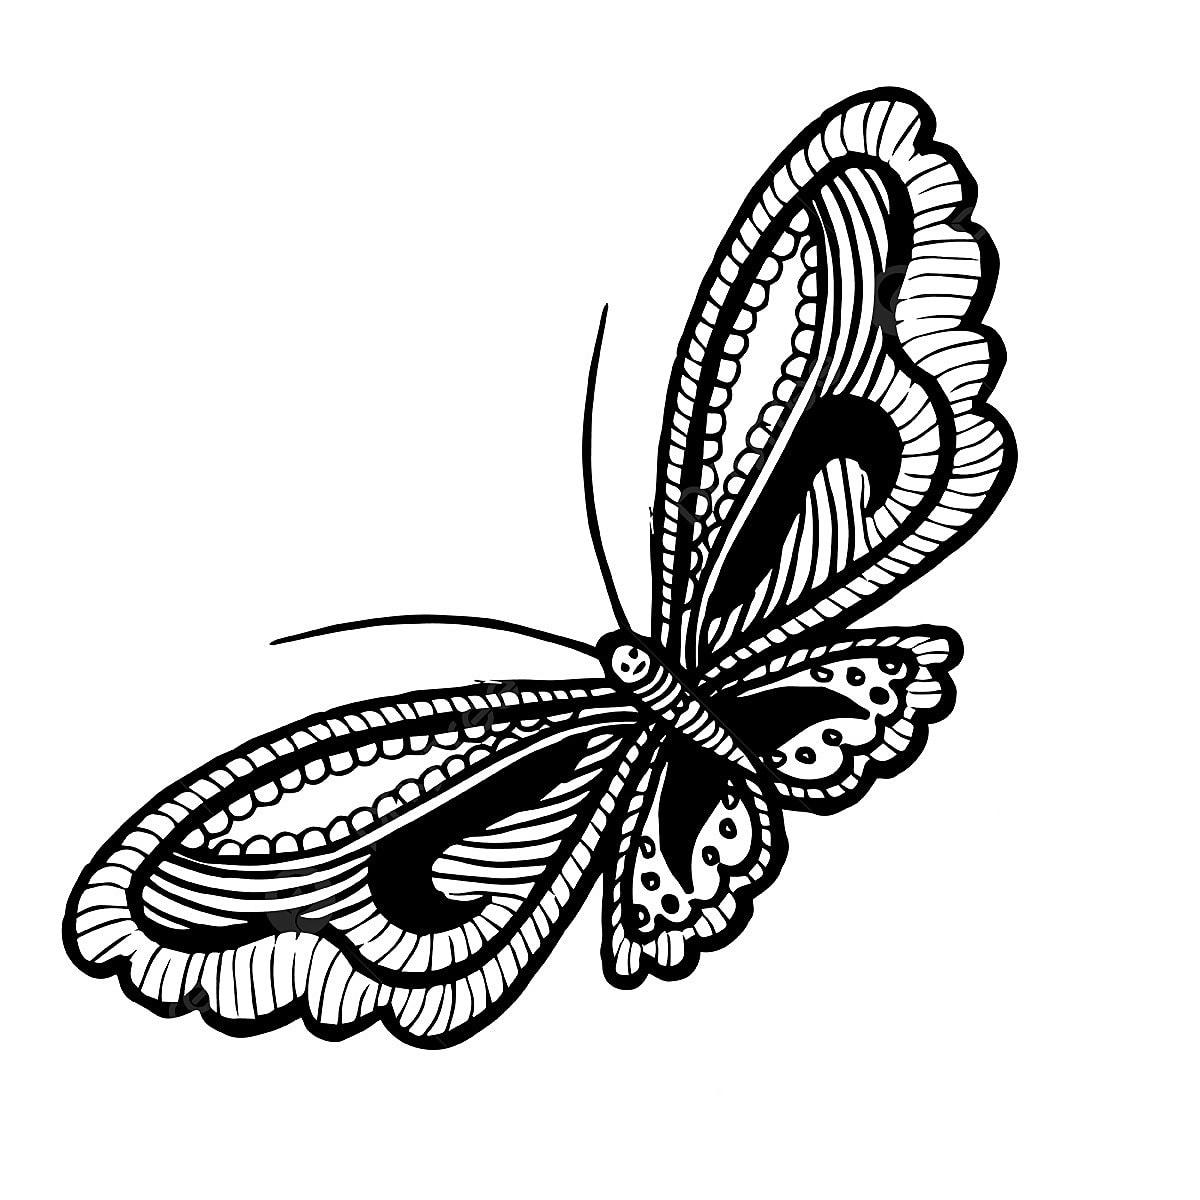 جميلة مرسومة باليد أبيض وأسود فراشة من ناحية رسم أسود Png والمتجهات للتحميل مجانا